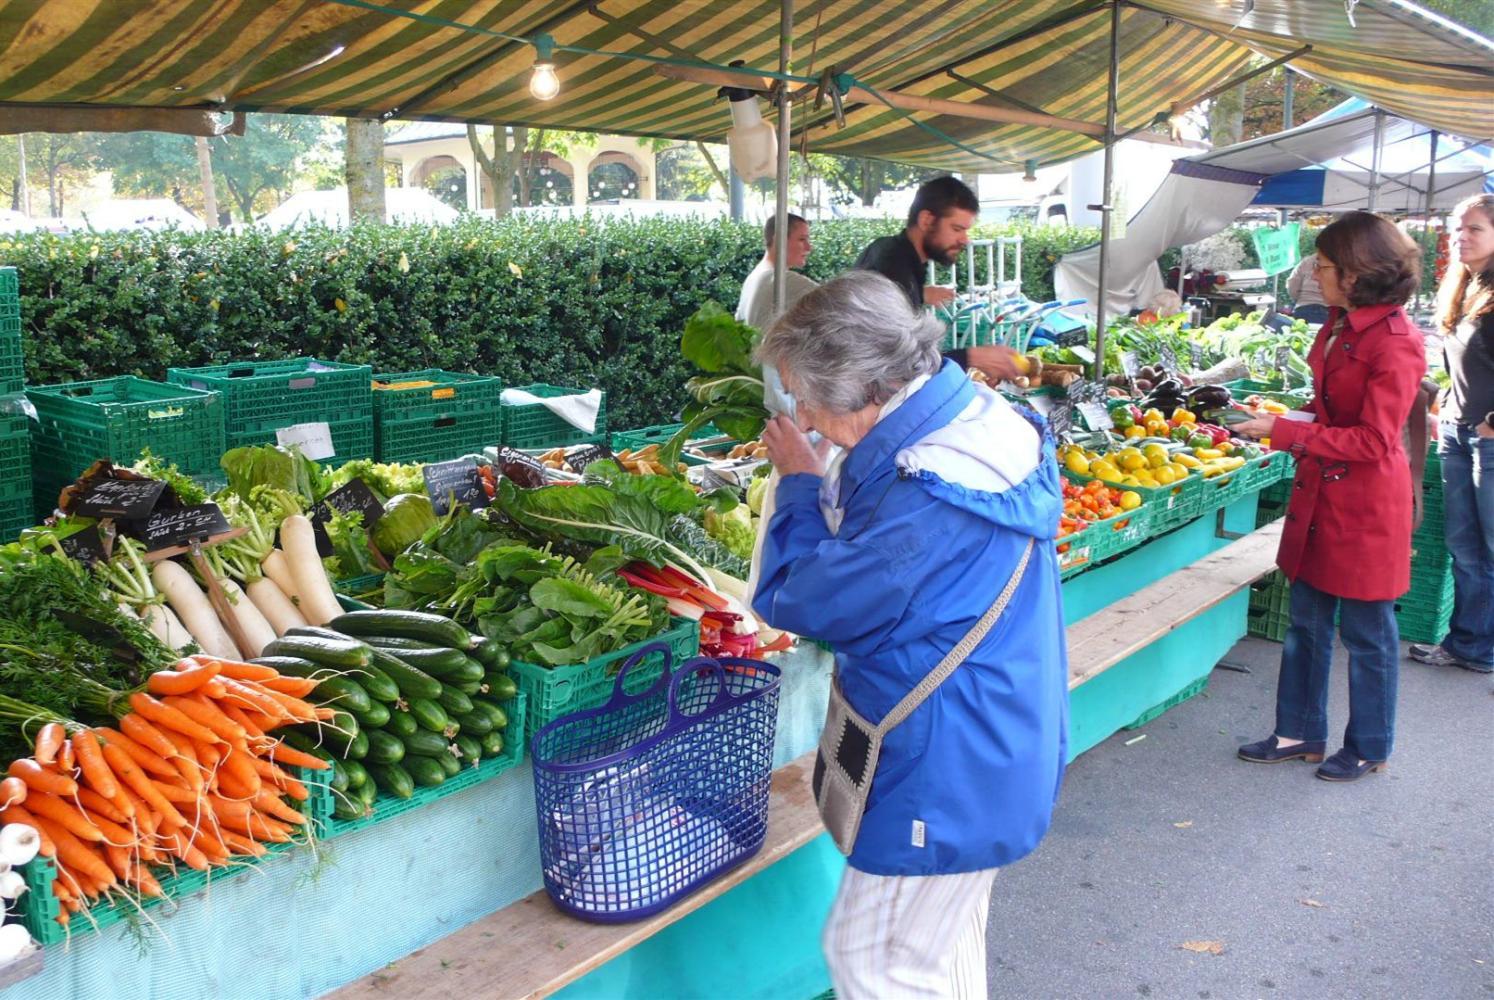 三个国度的菜市场, 中国付出轻易, 日本店里整洁, 印度很随意